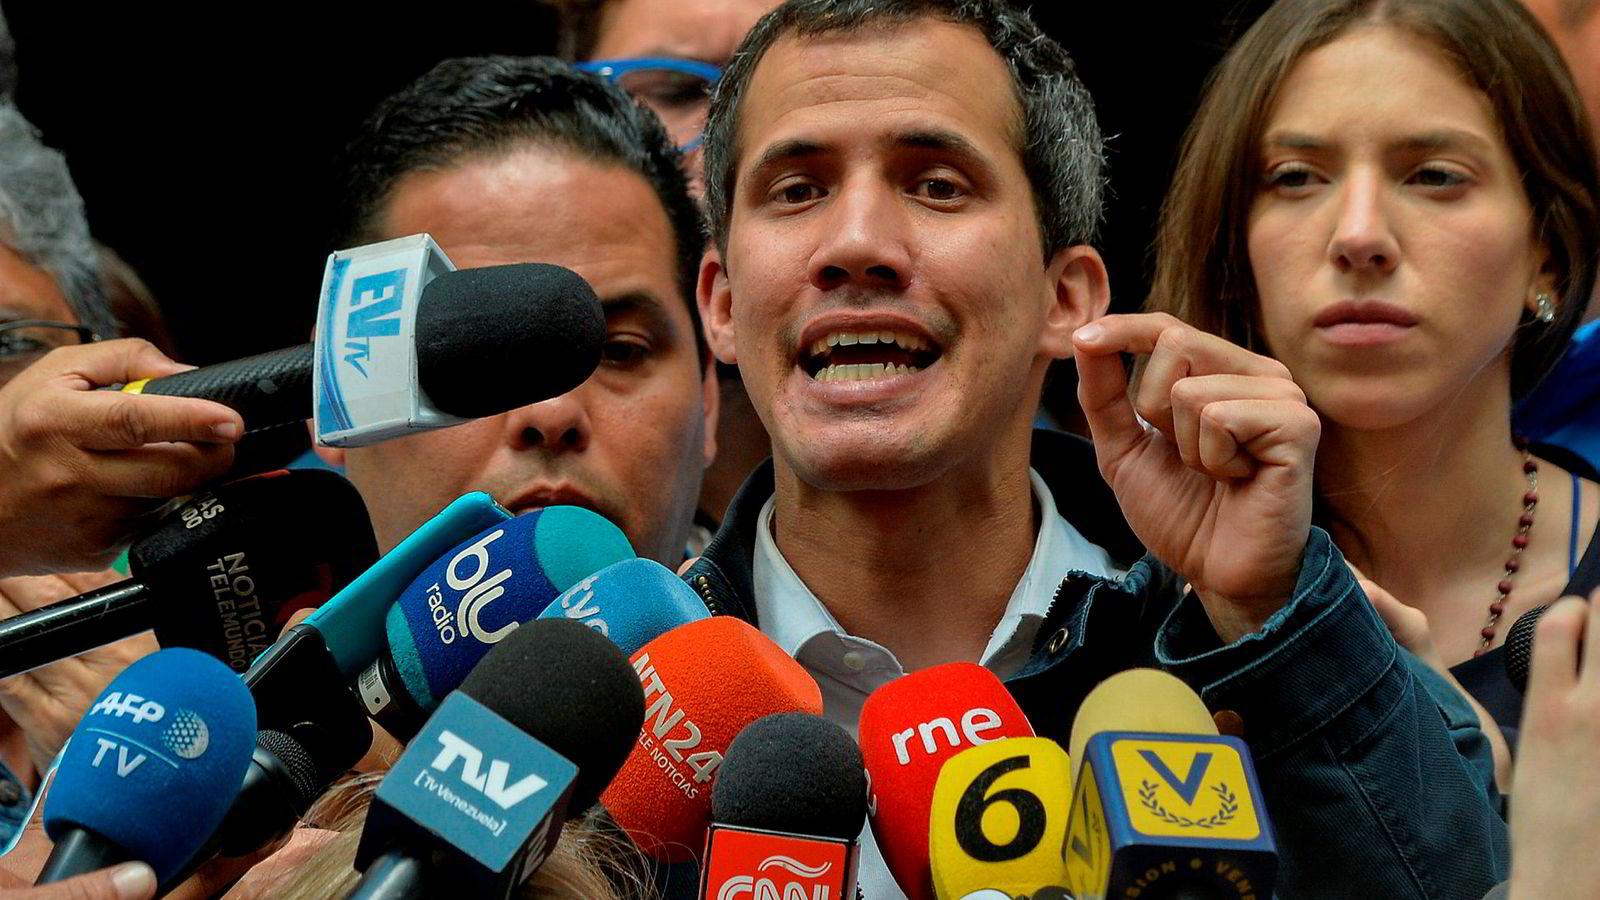 Den selverklærte presidenten i Venezuela, Juan Guaidó, varsler nye demonstrasjoner mot sittende president Nicolás Maduro.